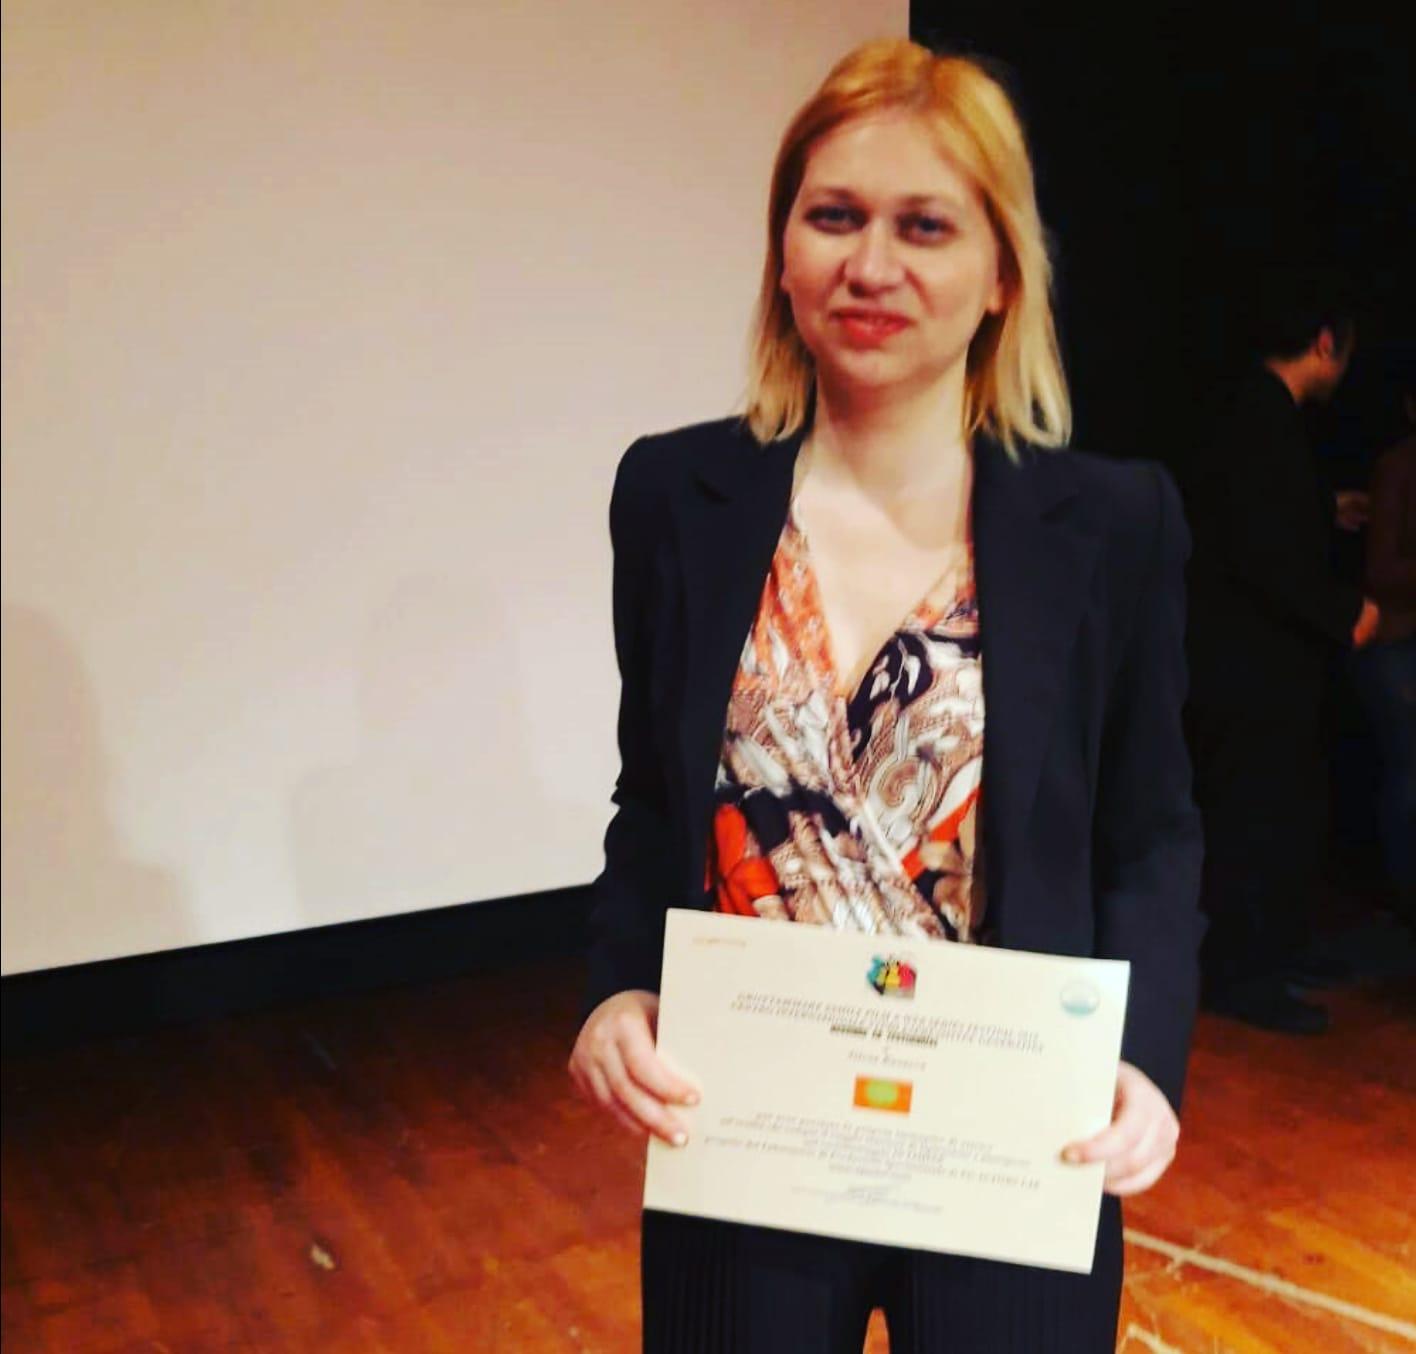 Silvia Busacca l'attrice protagonista di IN LIMINE premiata al Grottammare film festival